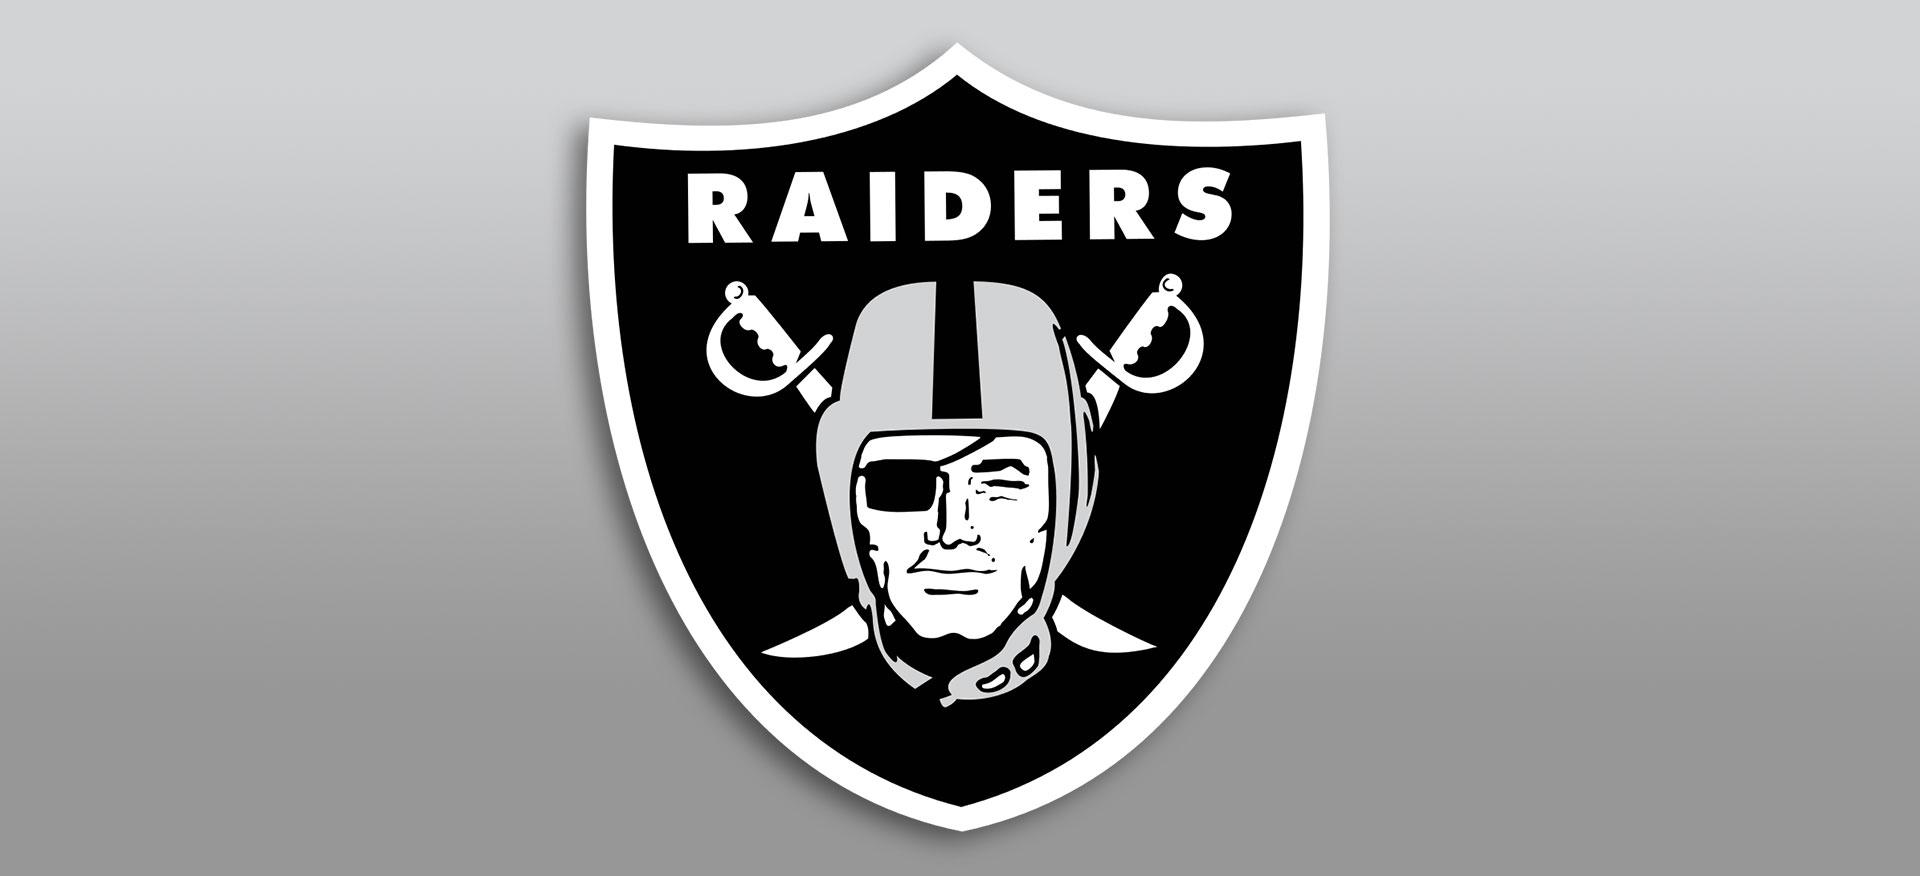 Raiders To Move To Las Vegas